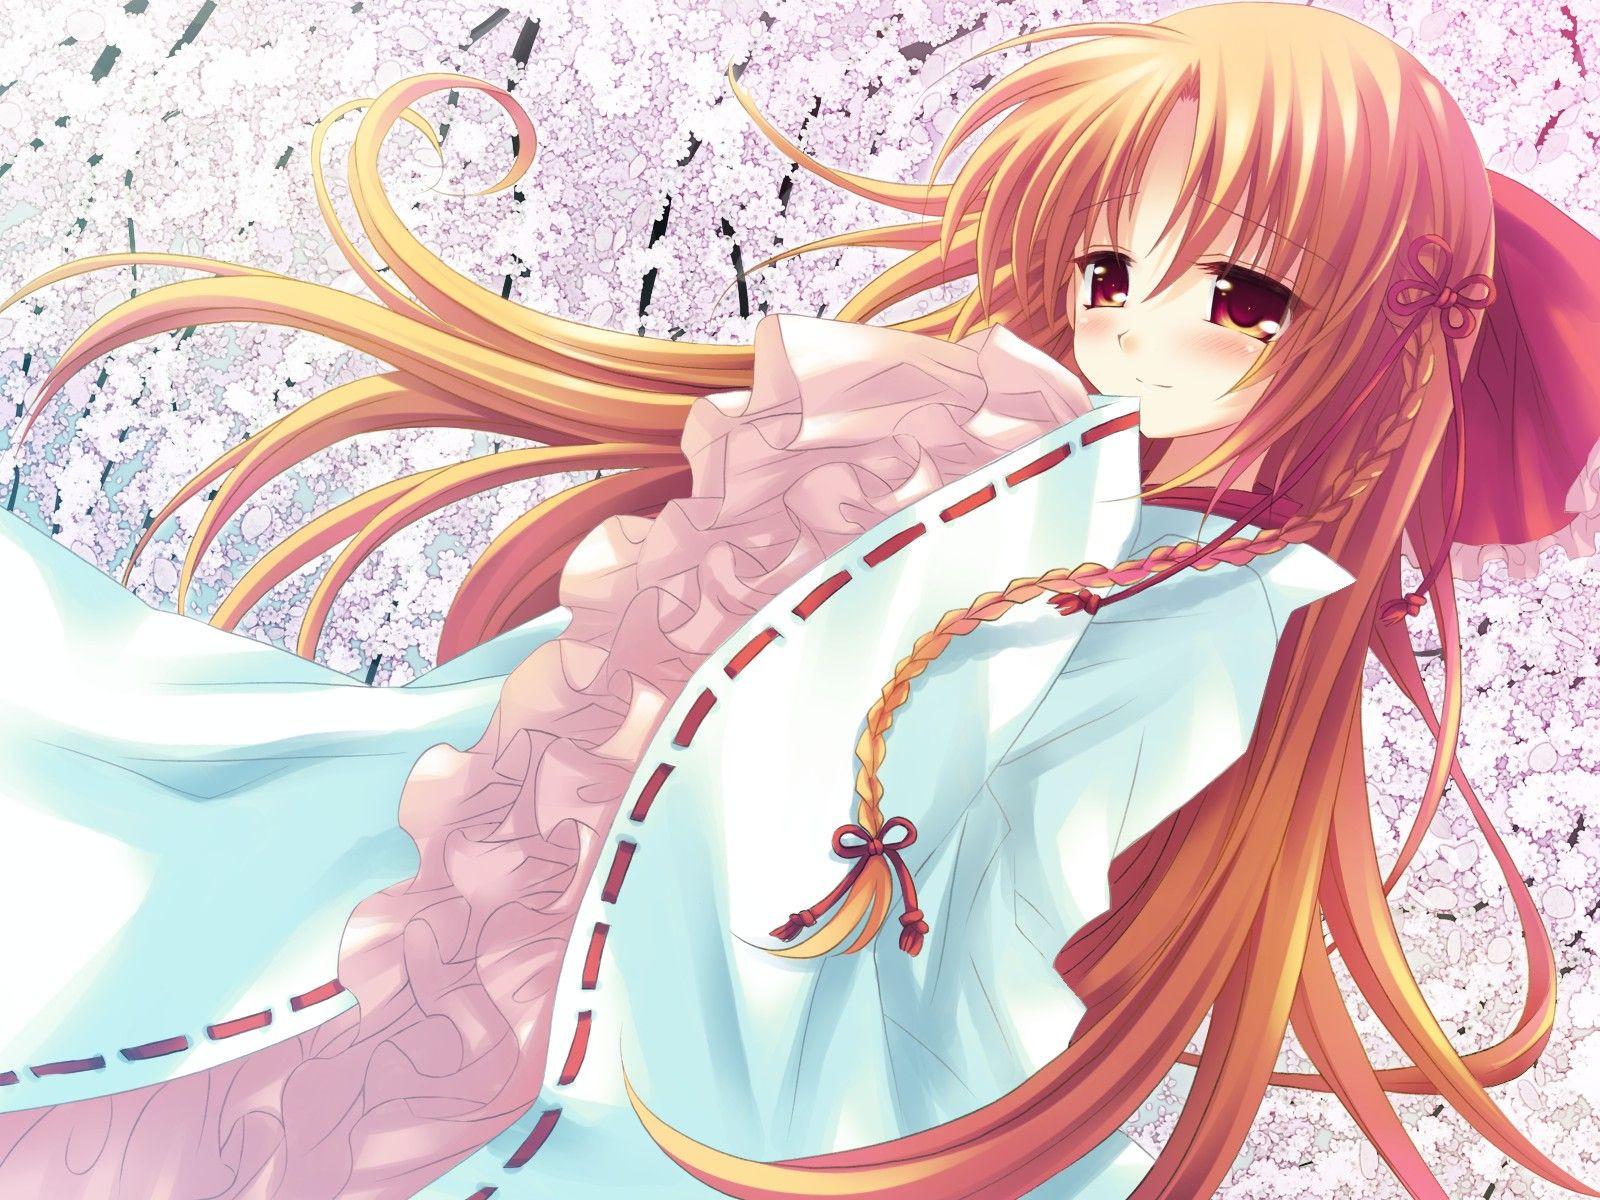 形体舞蹈梦千年之恋_求头发随风飞扬的动漫女性图,长发的